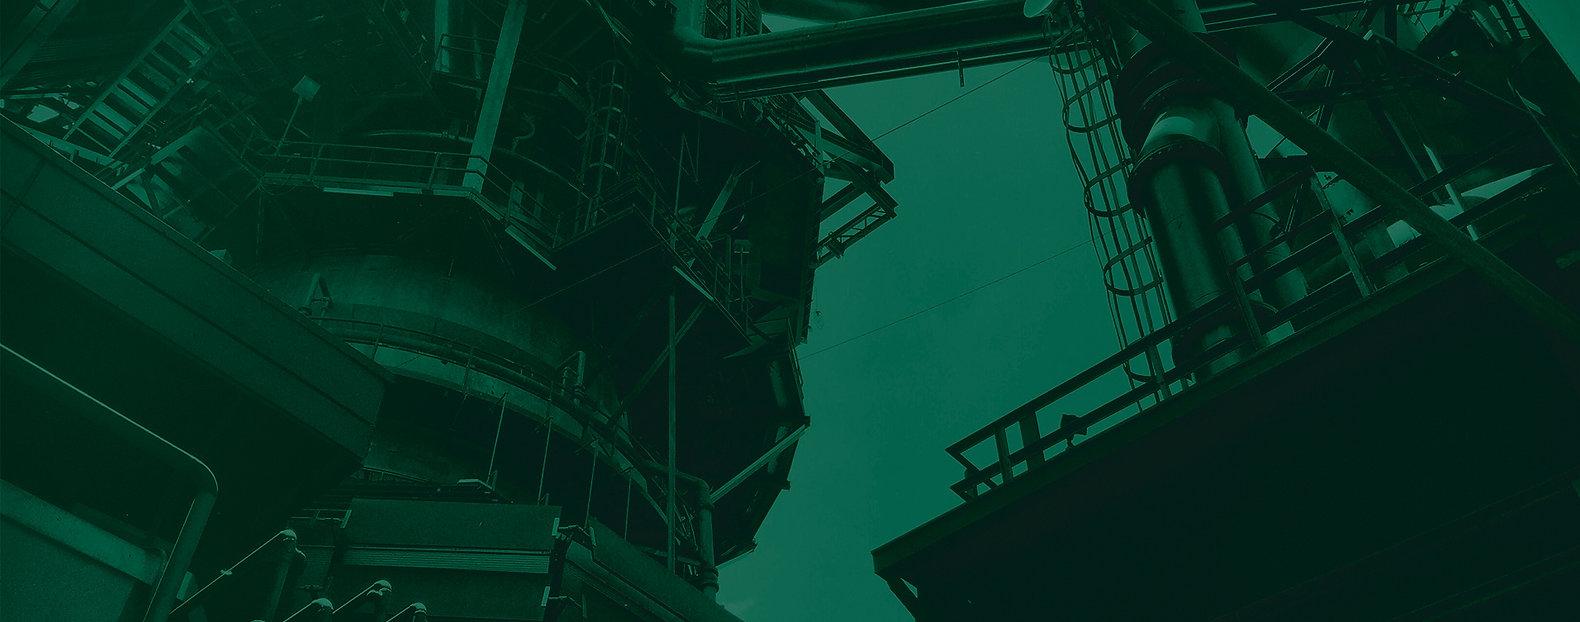 02_Industrie.jpg